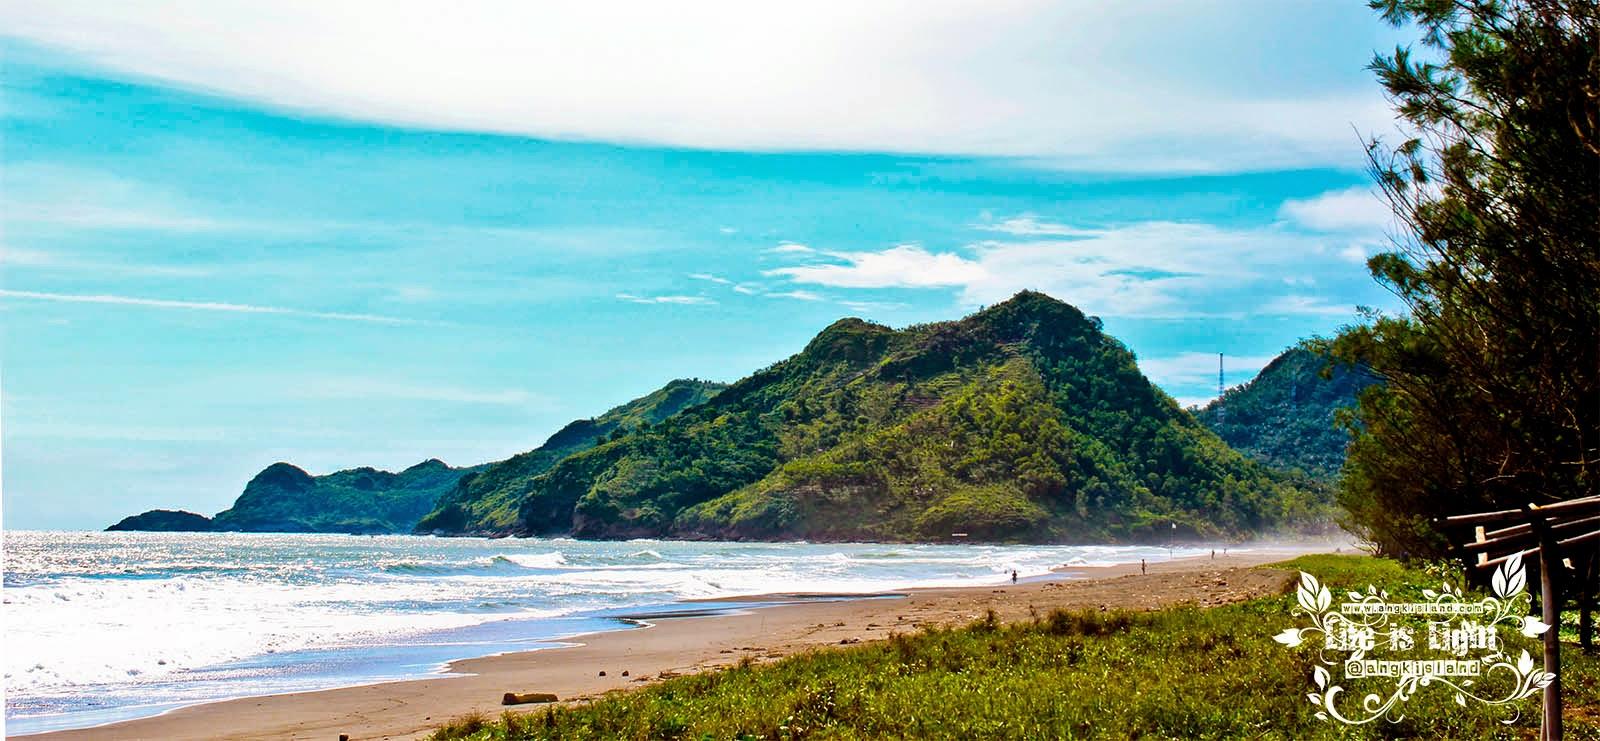 Pantai Criwik Kebumen